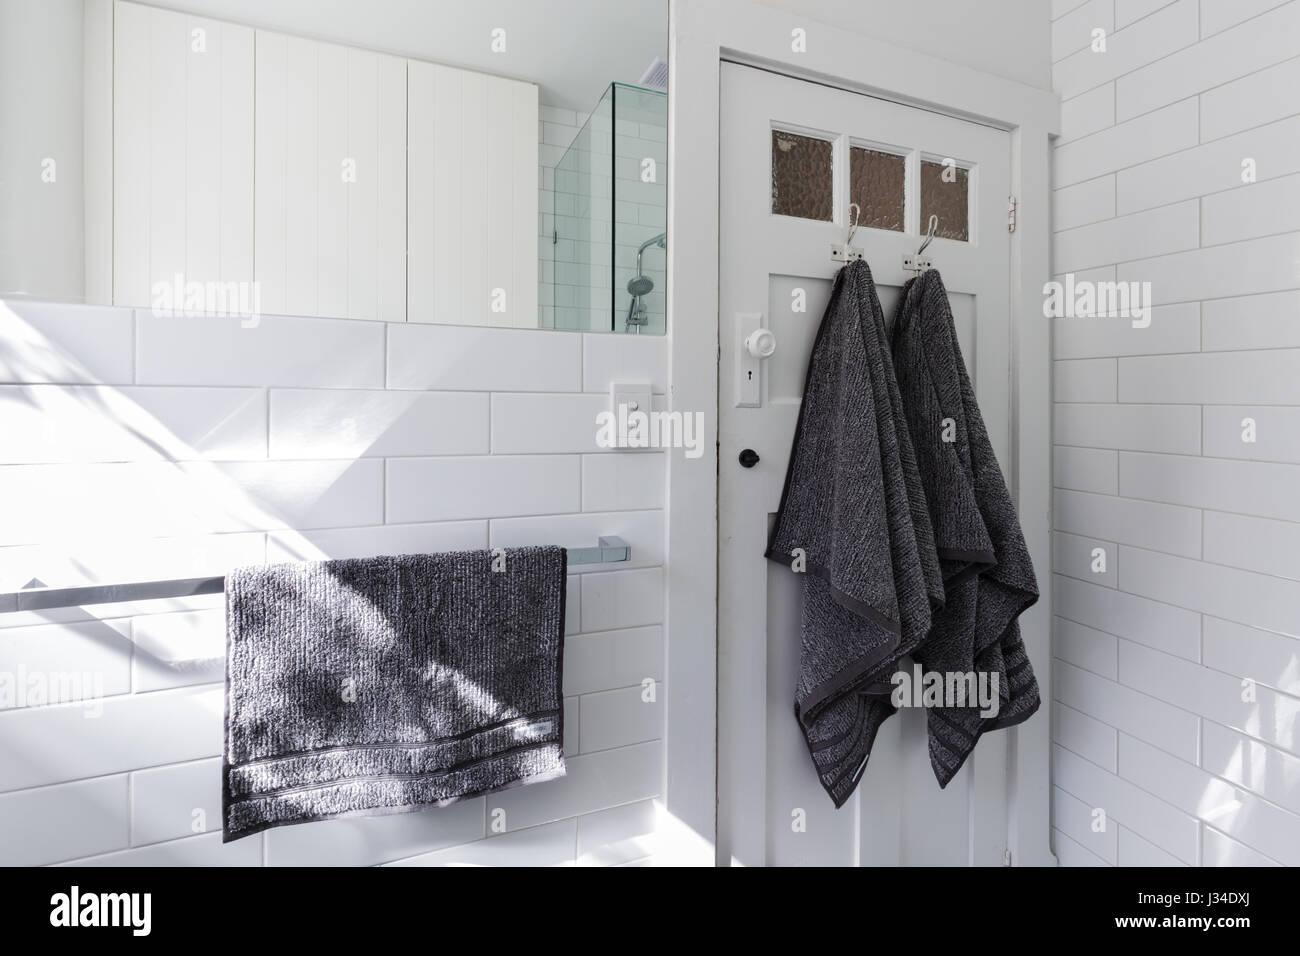 Luxury towels on door hooks in modern white bathroom with brick ...